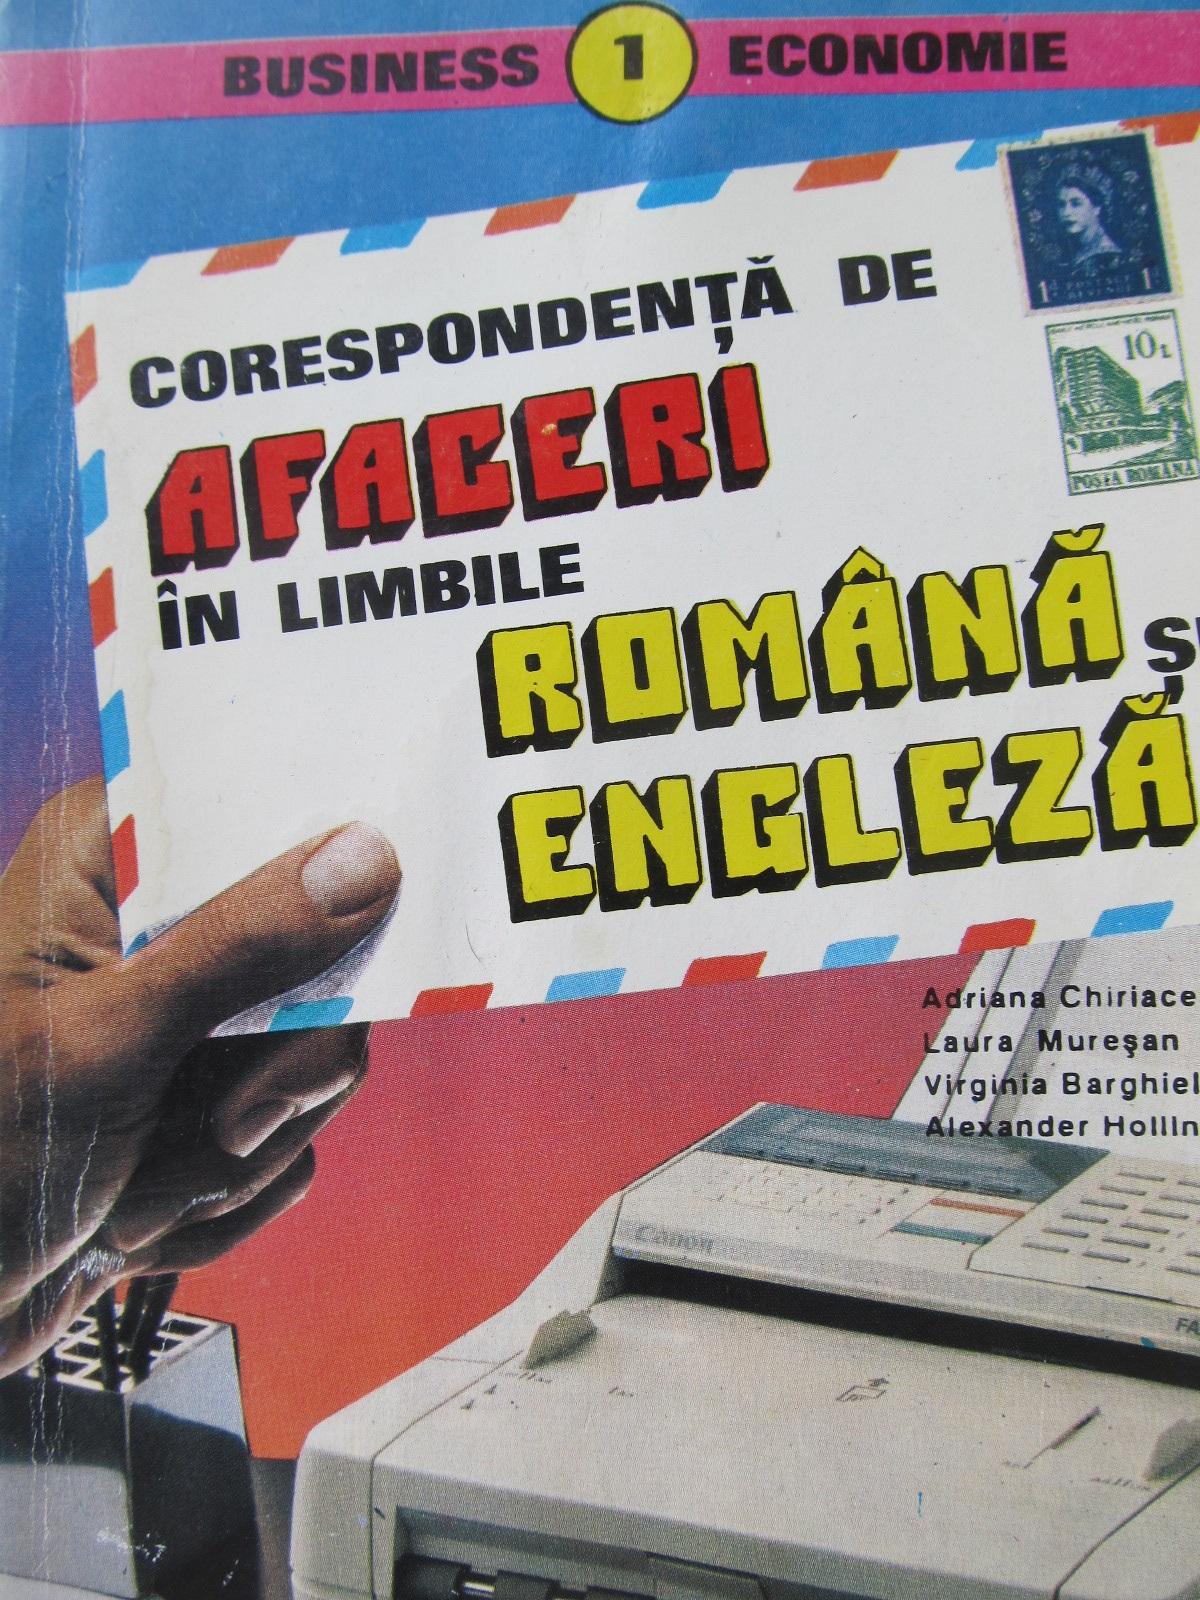 Corespondenta de afaceri in limbile Romana si Engleza - Adriana Chiriacescu , Laura Muresan , ... | Detalii carte